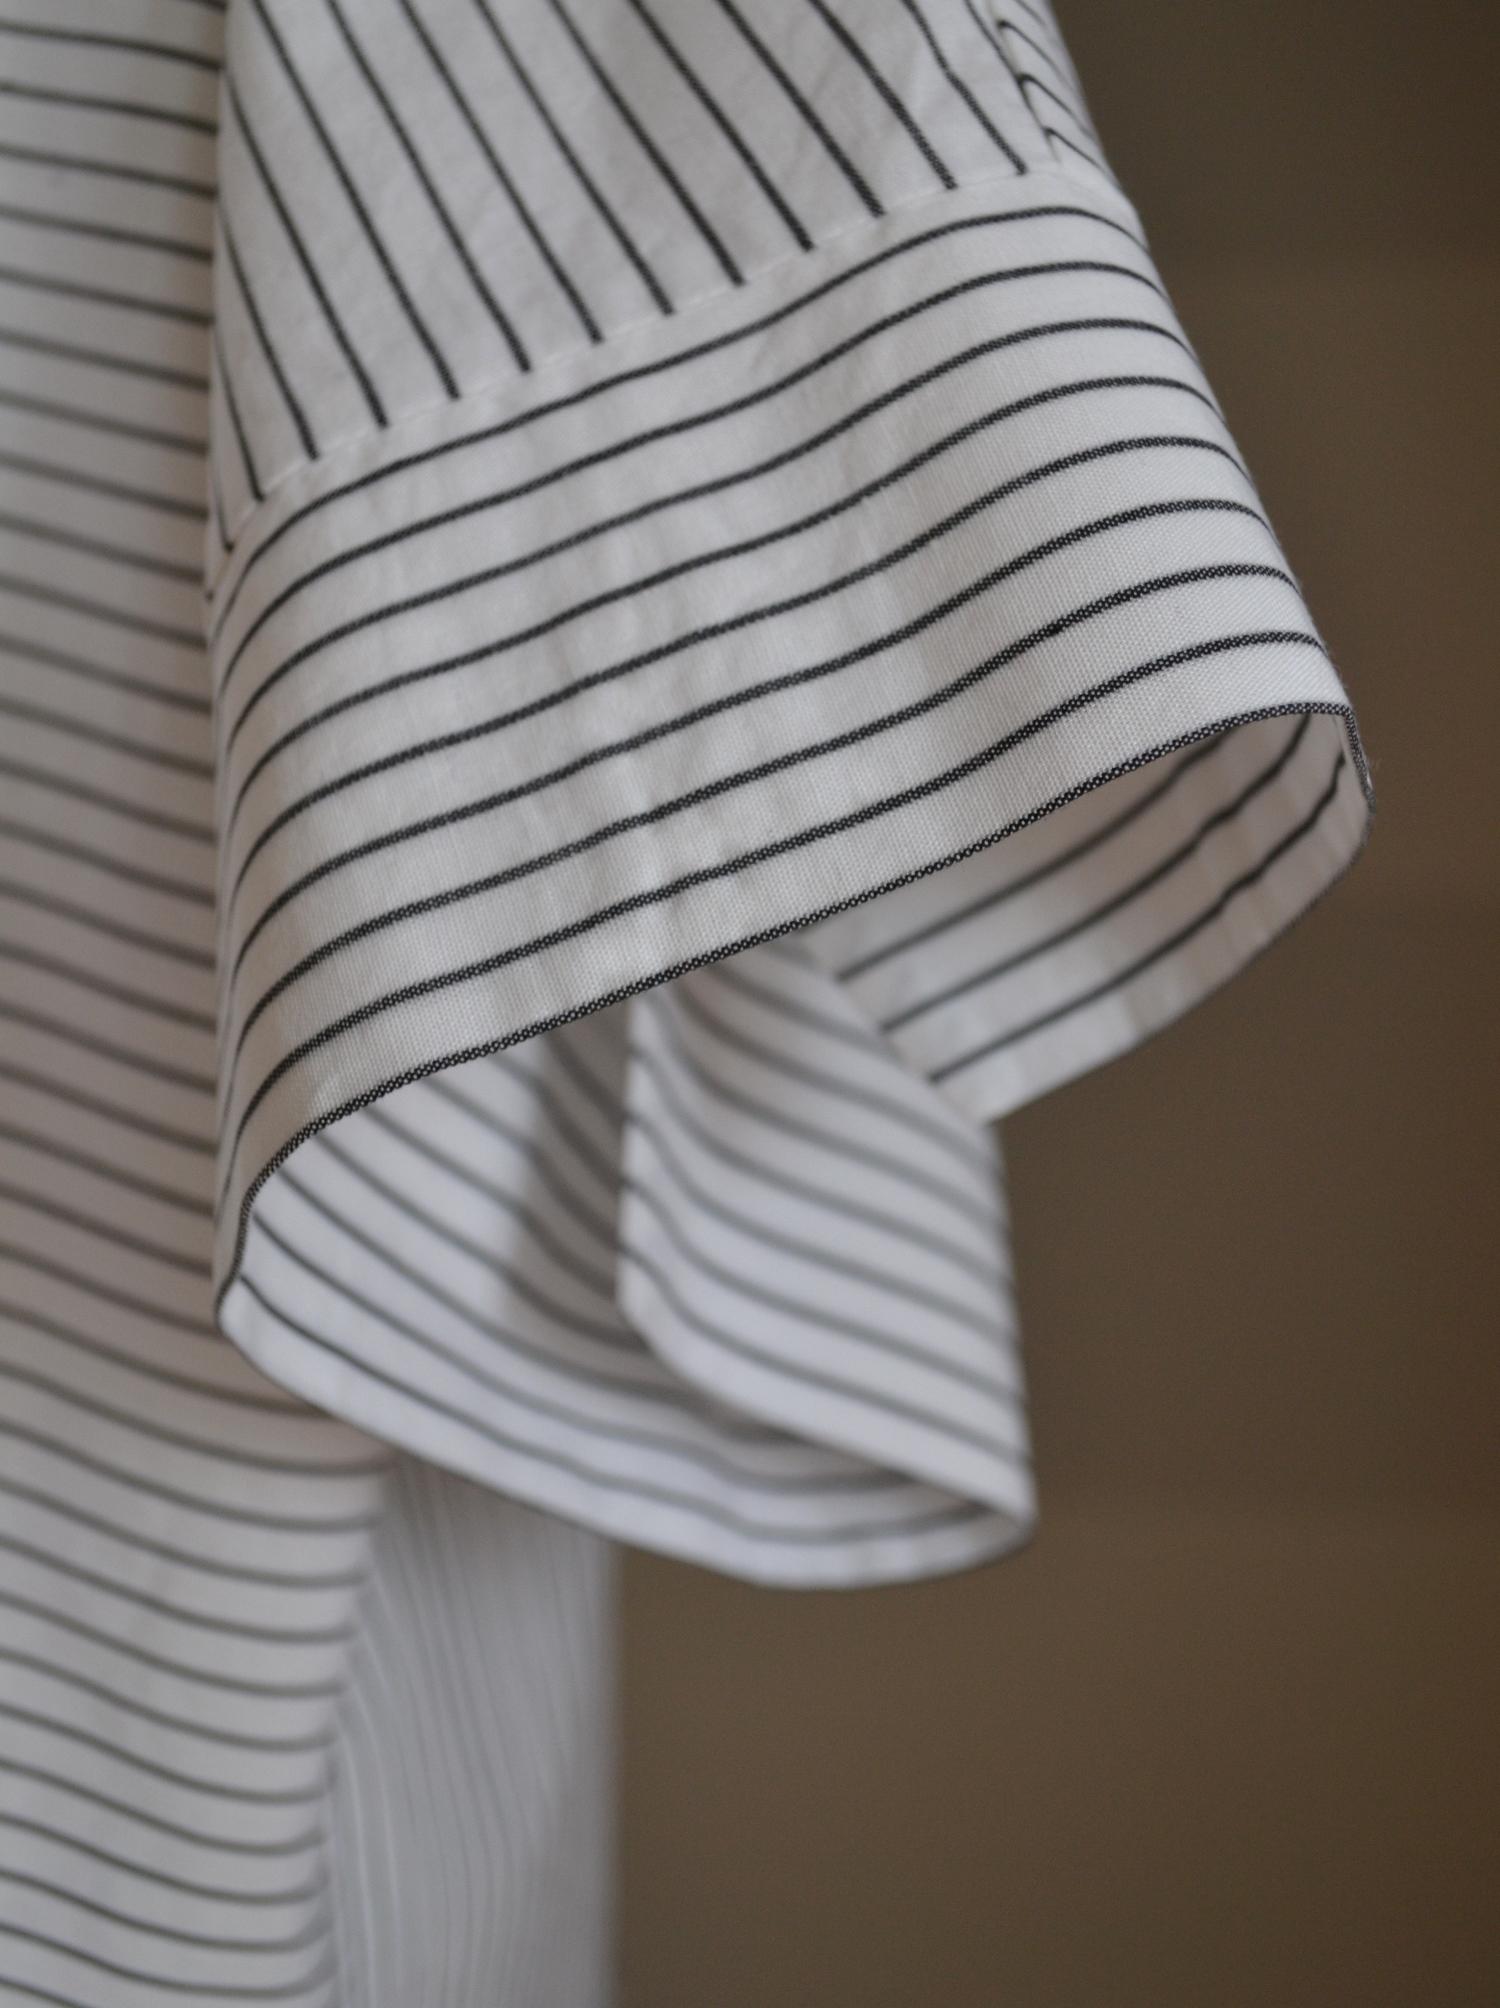 Fotografie pro model – Bílá košile sčerným proužkem